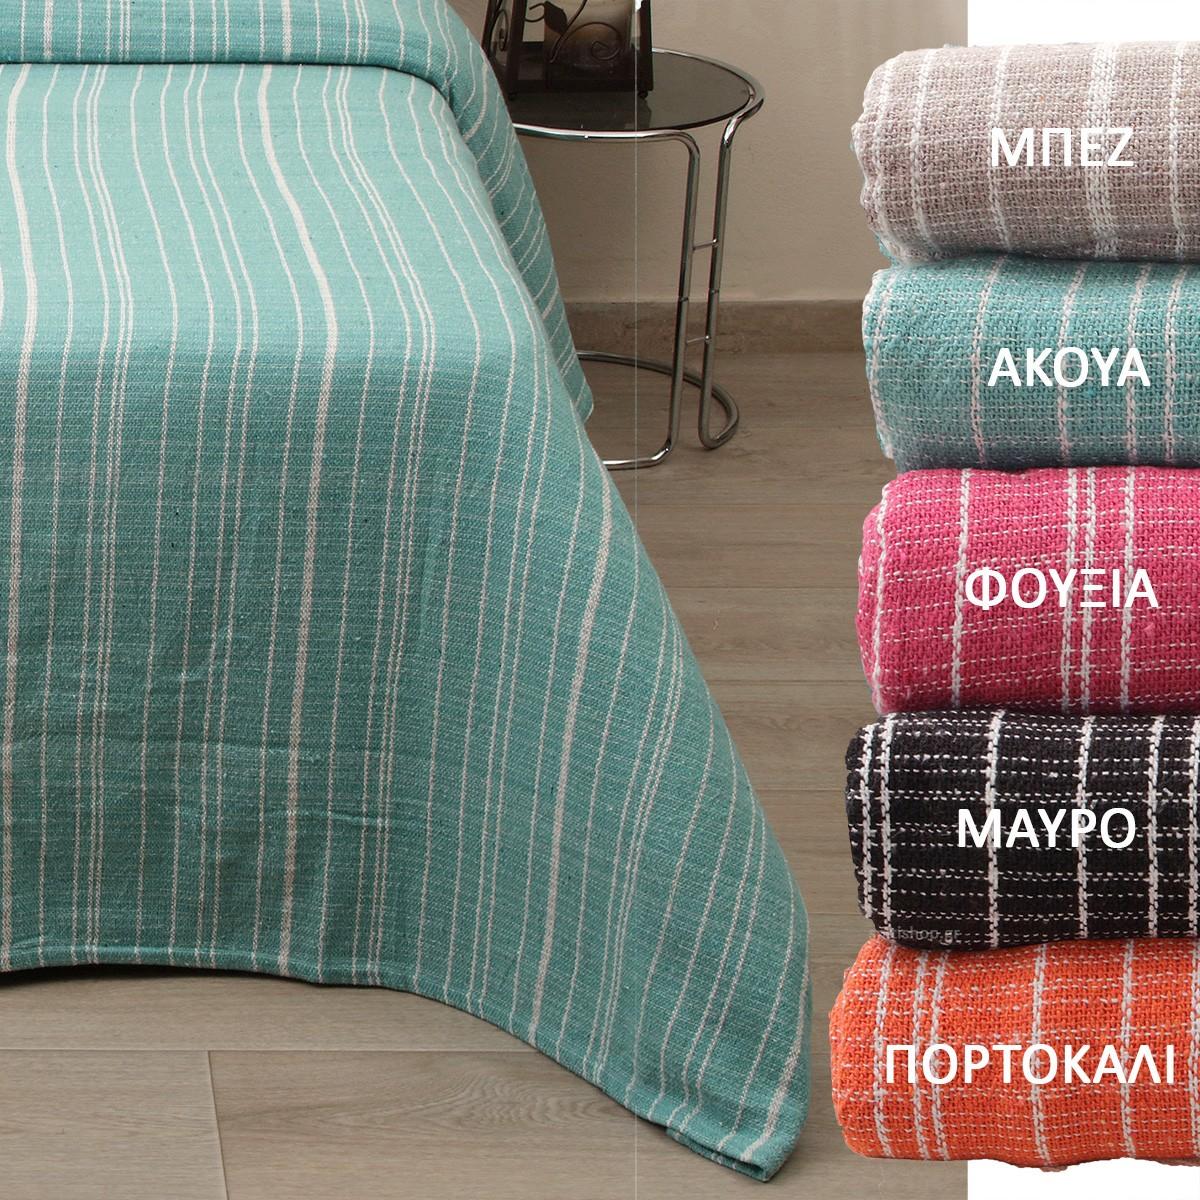 Κουβερτόριο Υπέρδιπλο Viopros Μέρεντιθ home   κρεβατοκάμαρα   κουβέρτες   κουβέρτες καλοκαιρινές υπέρδιπλες